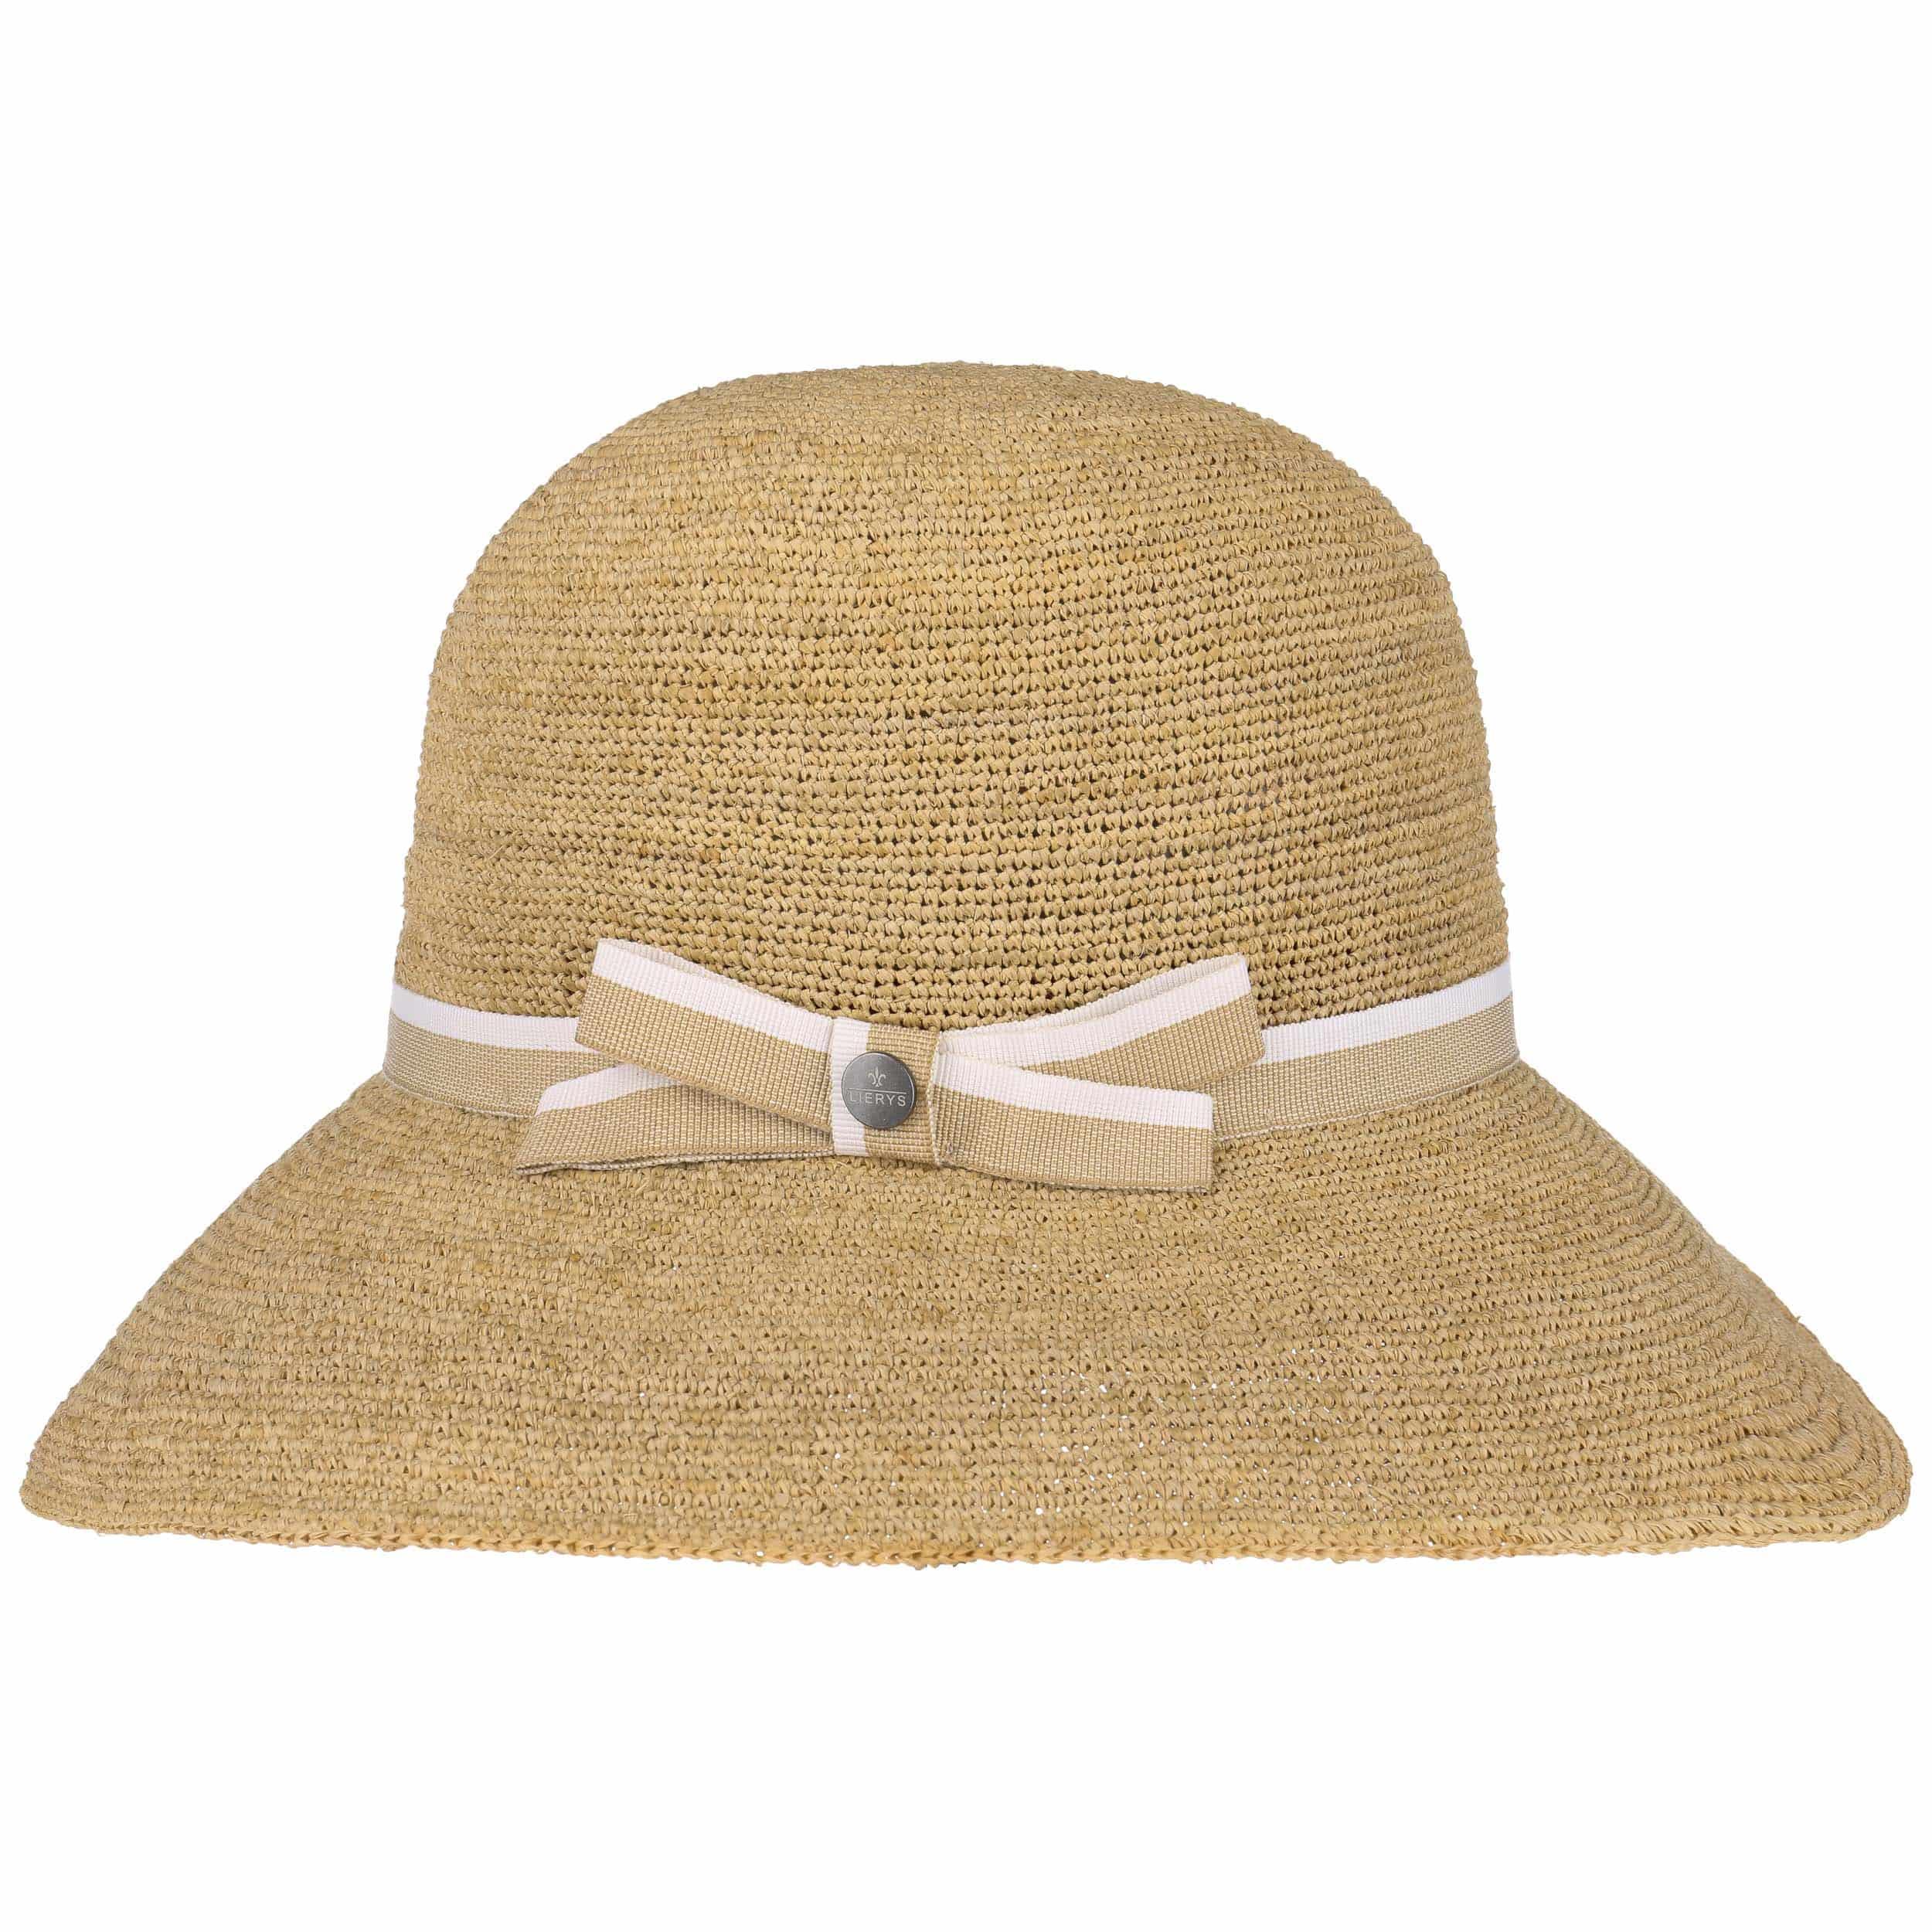 Sombrero Cloché de Rafia Crochet by Lierys - Sombreros - sombreroshop.es b2a85fc66cb